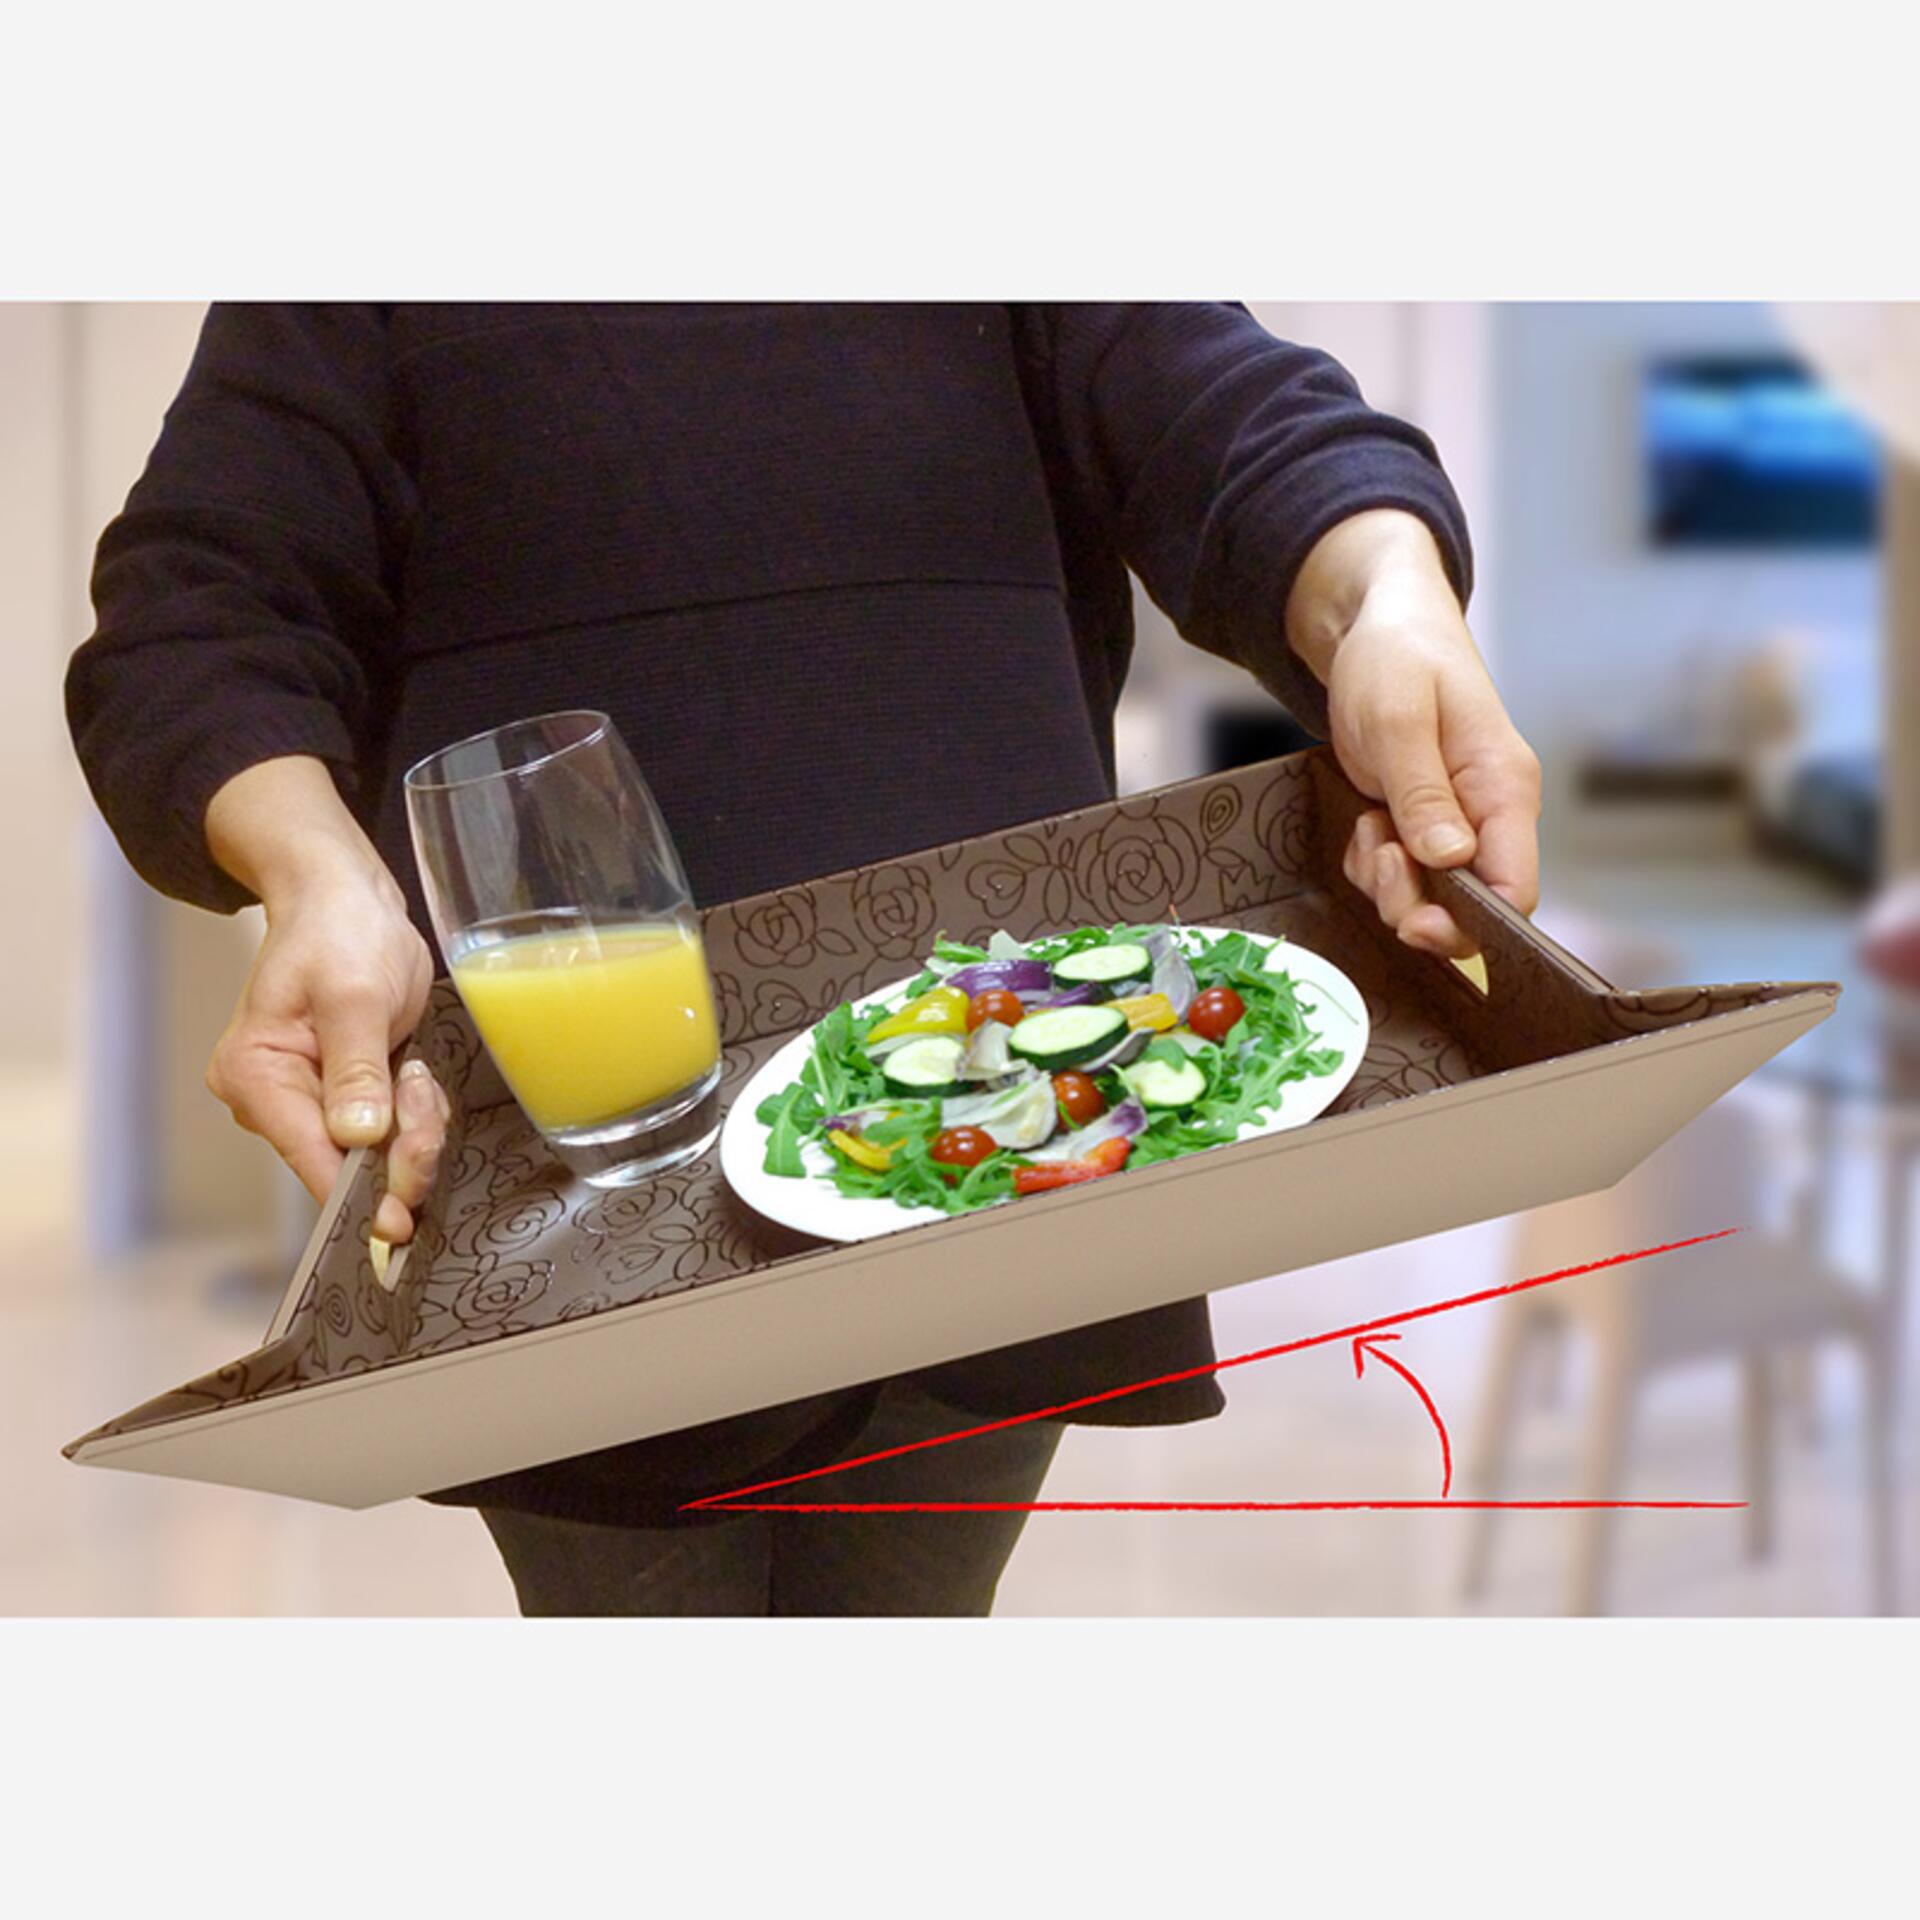 Freeform Tablett Tischset Schwarz Grau 45 x 35 cm